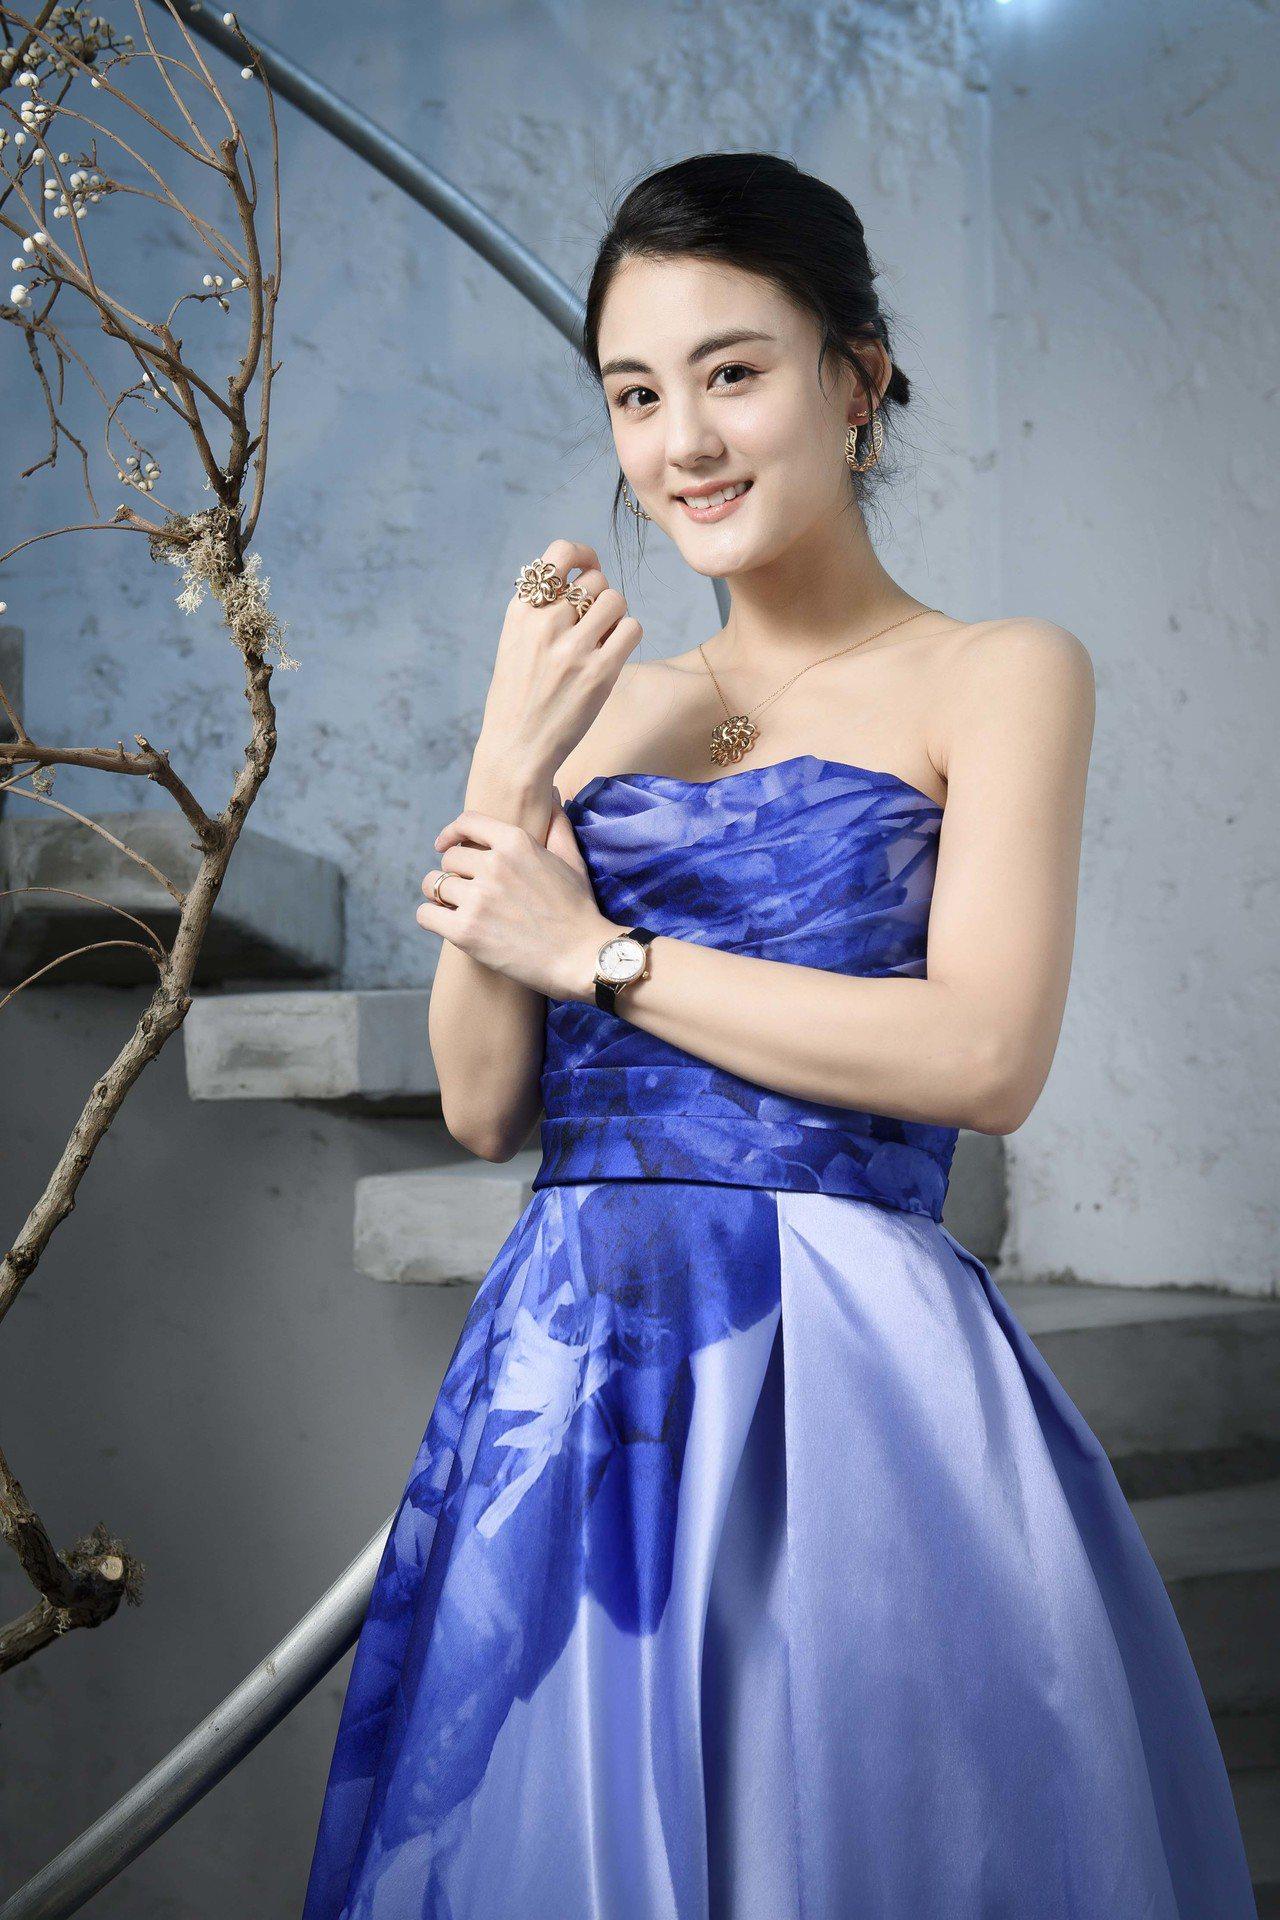 女星宋紀妍以藍紫色澎裙宛如公主的禮服,搭配了萬寶龍寶曦系列18K玫瑰金日期顯示腕...